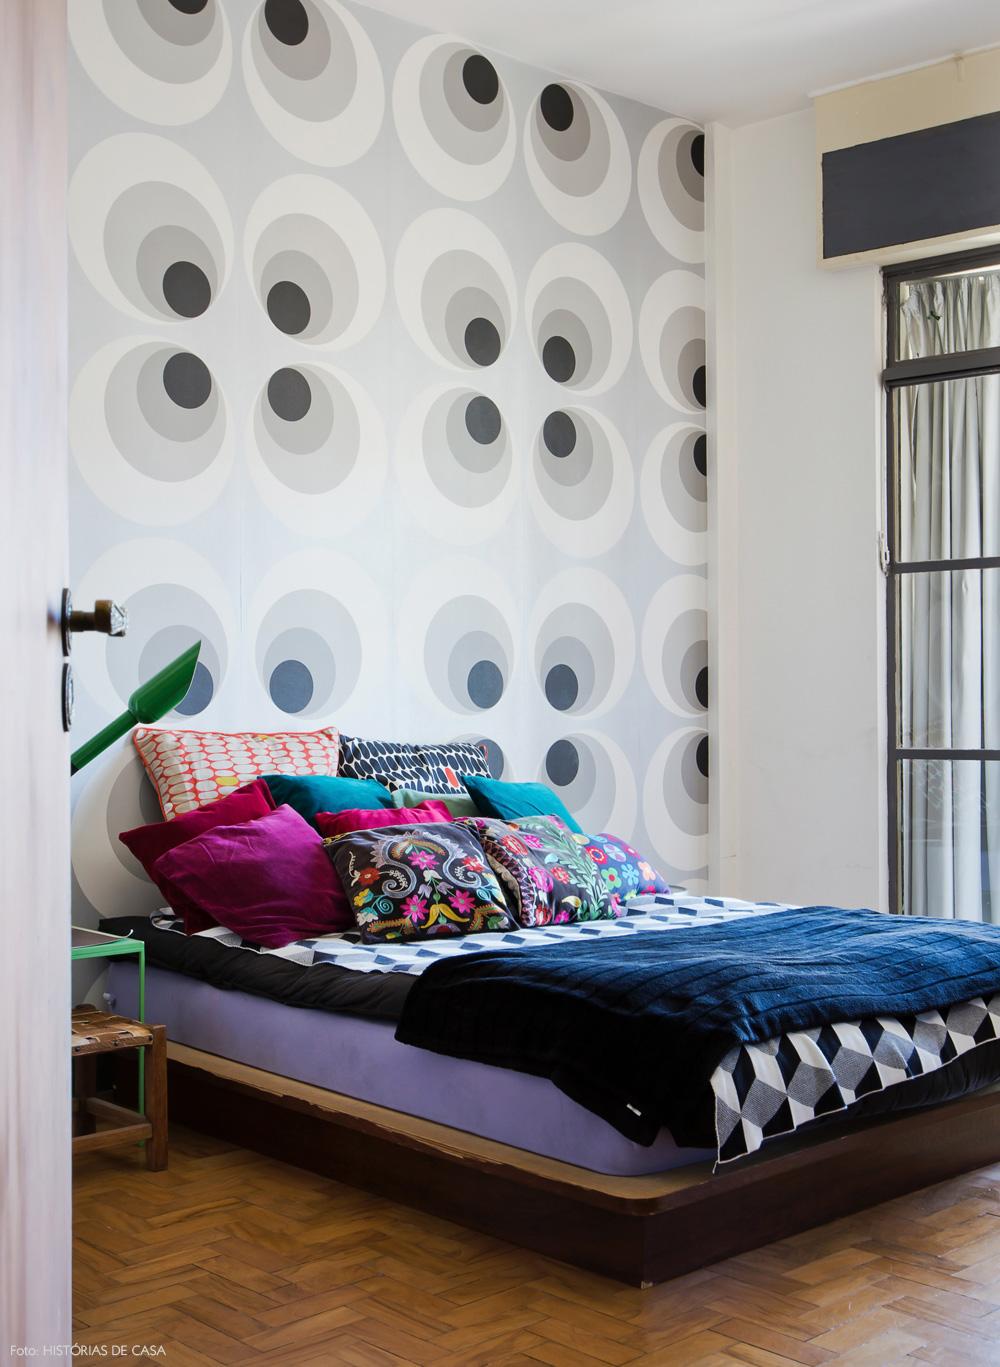 25-decoracao-quarto-cama-baixa-almofadas-estampadas